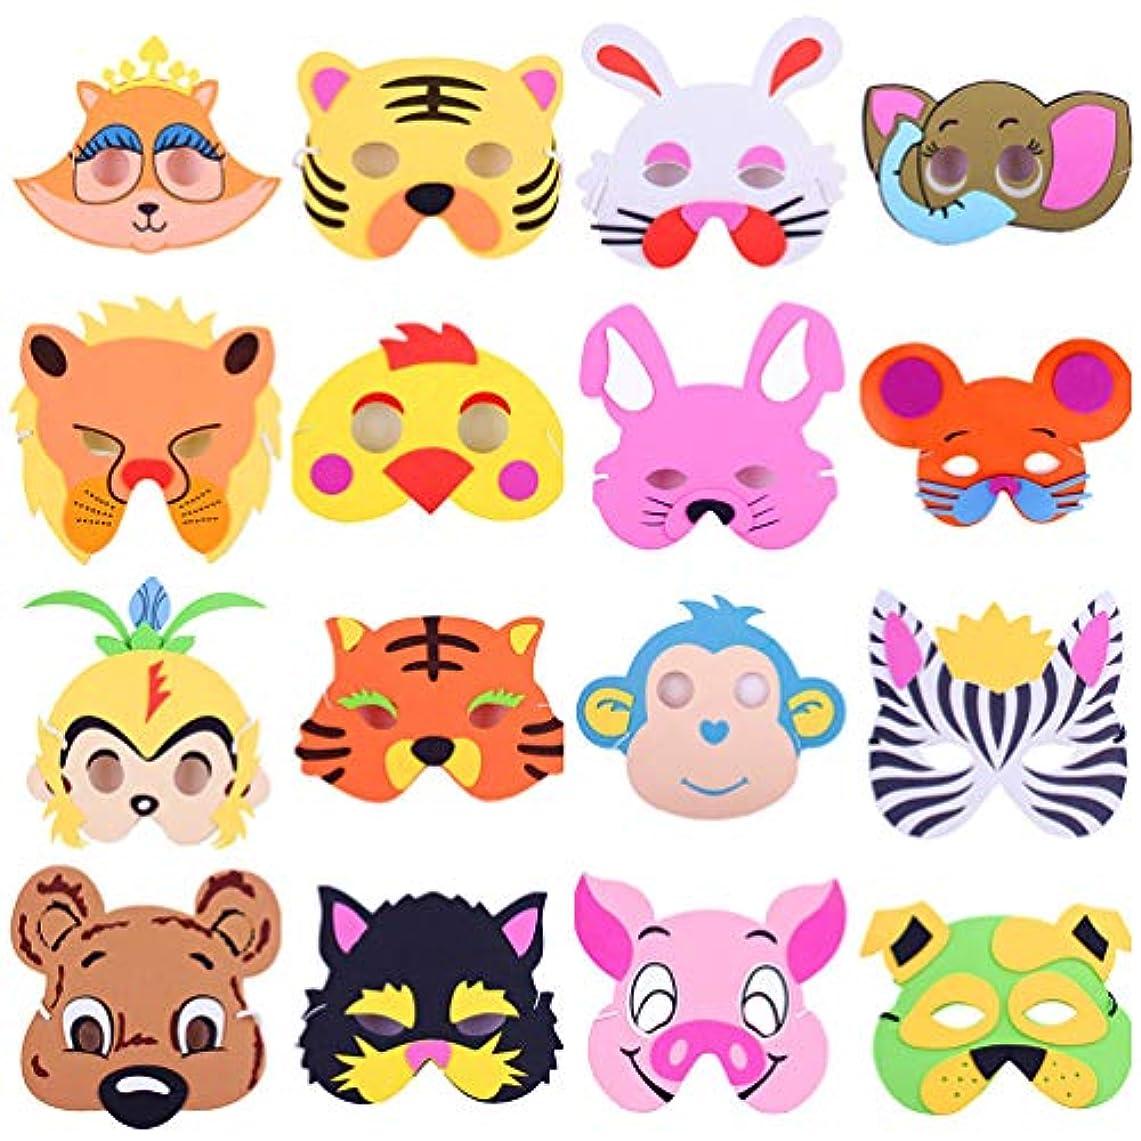 残高望む狐NUOBESTY フェイスマスクかわいい装飾evaクリエイティブ漫画面白いマスク動物マスクセットプロップマスク用キッズ大人16ピース